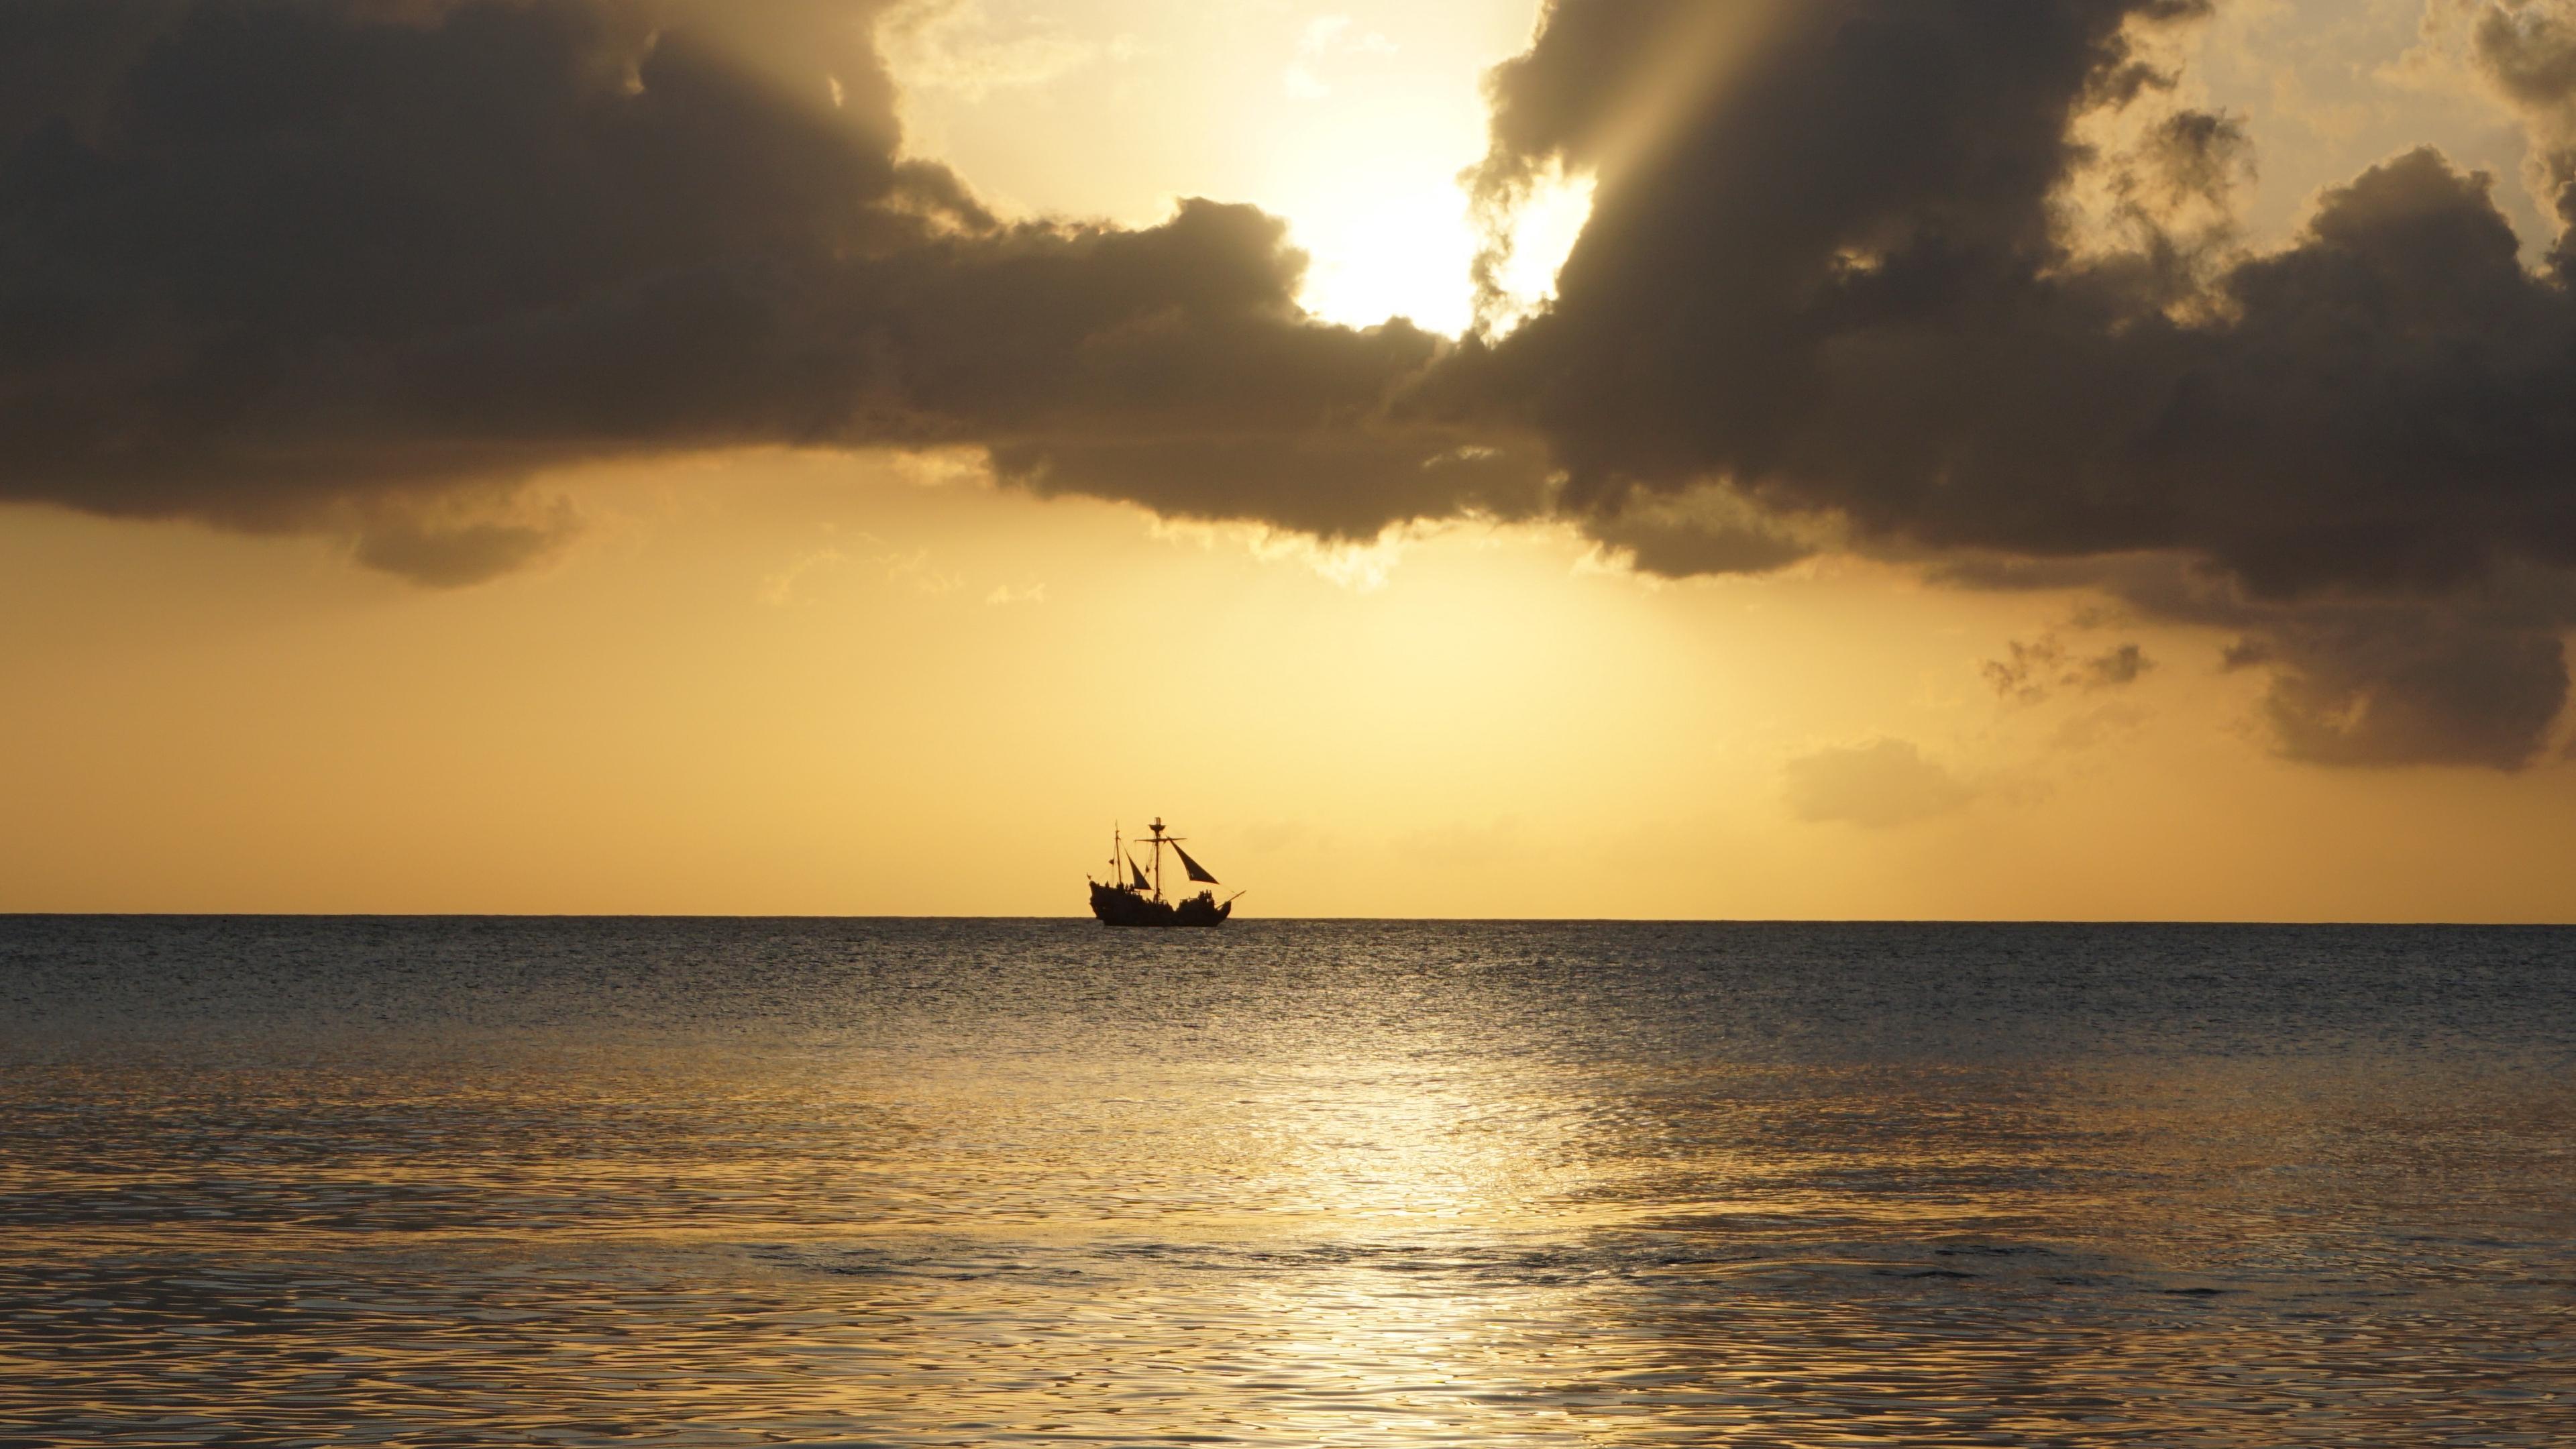 sea ship horizon sunset 4k 1541114054 - sea, ship, horizon, sunset 4k - Ship, Sea, Horizon